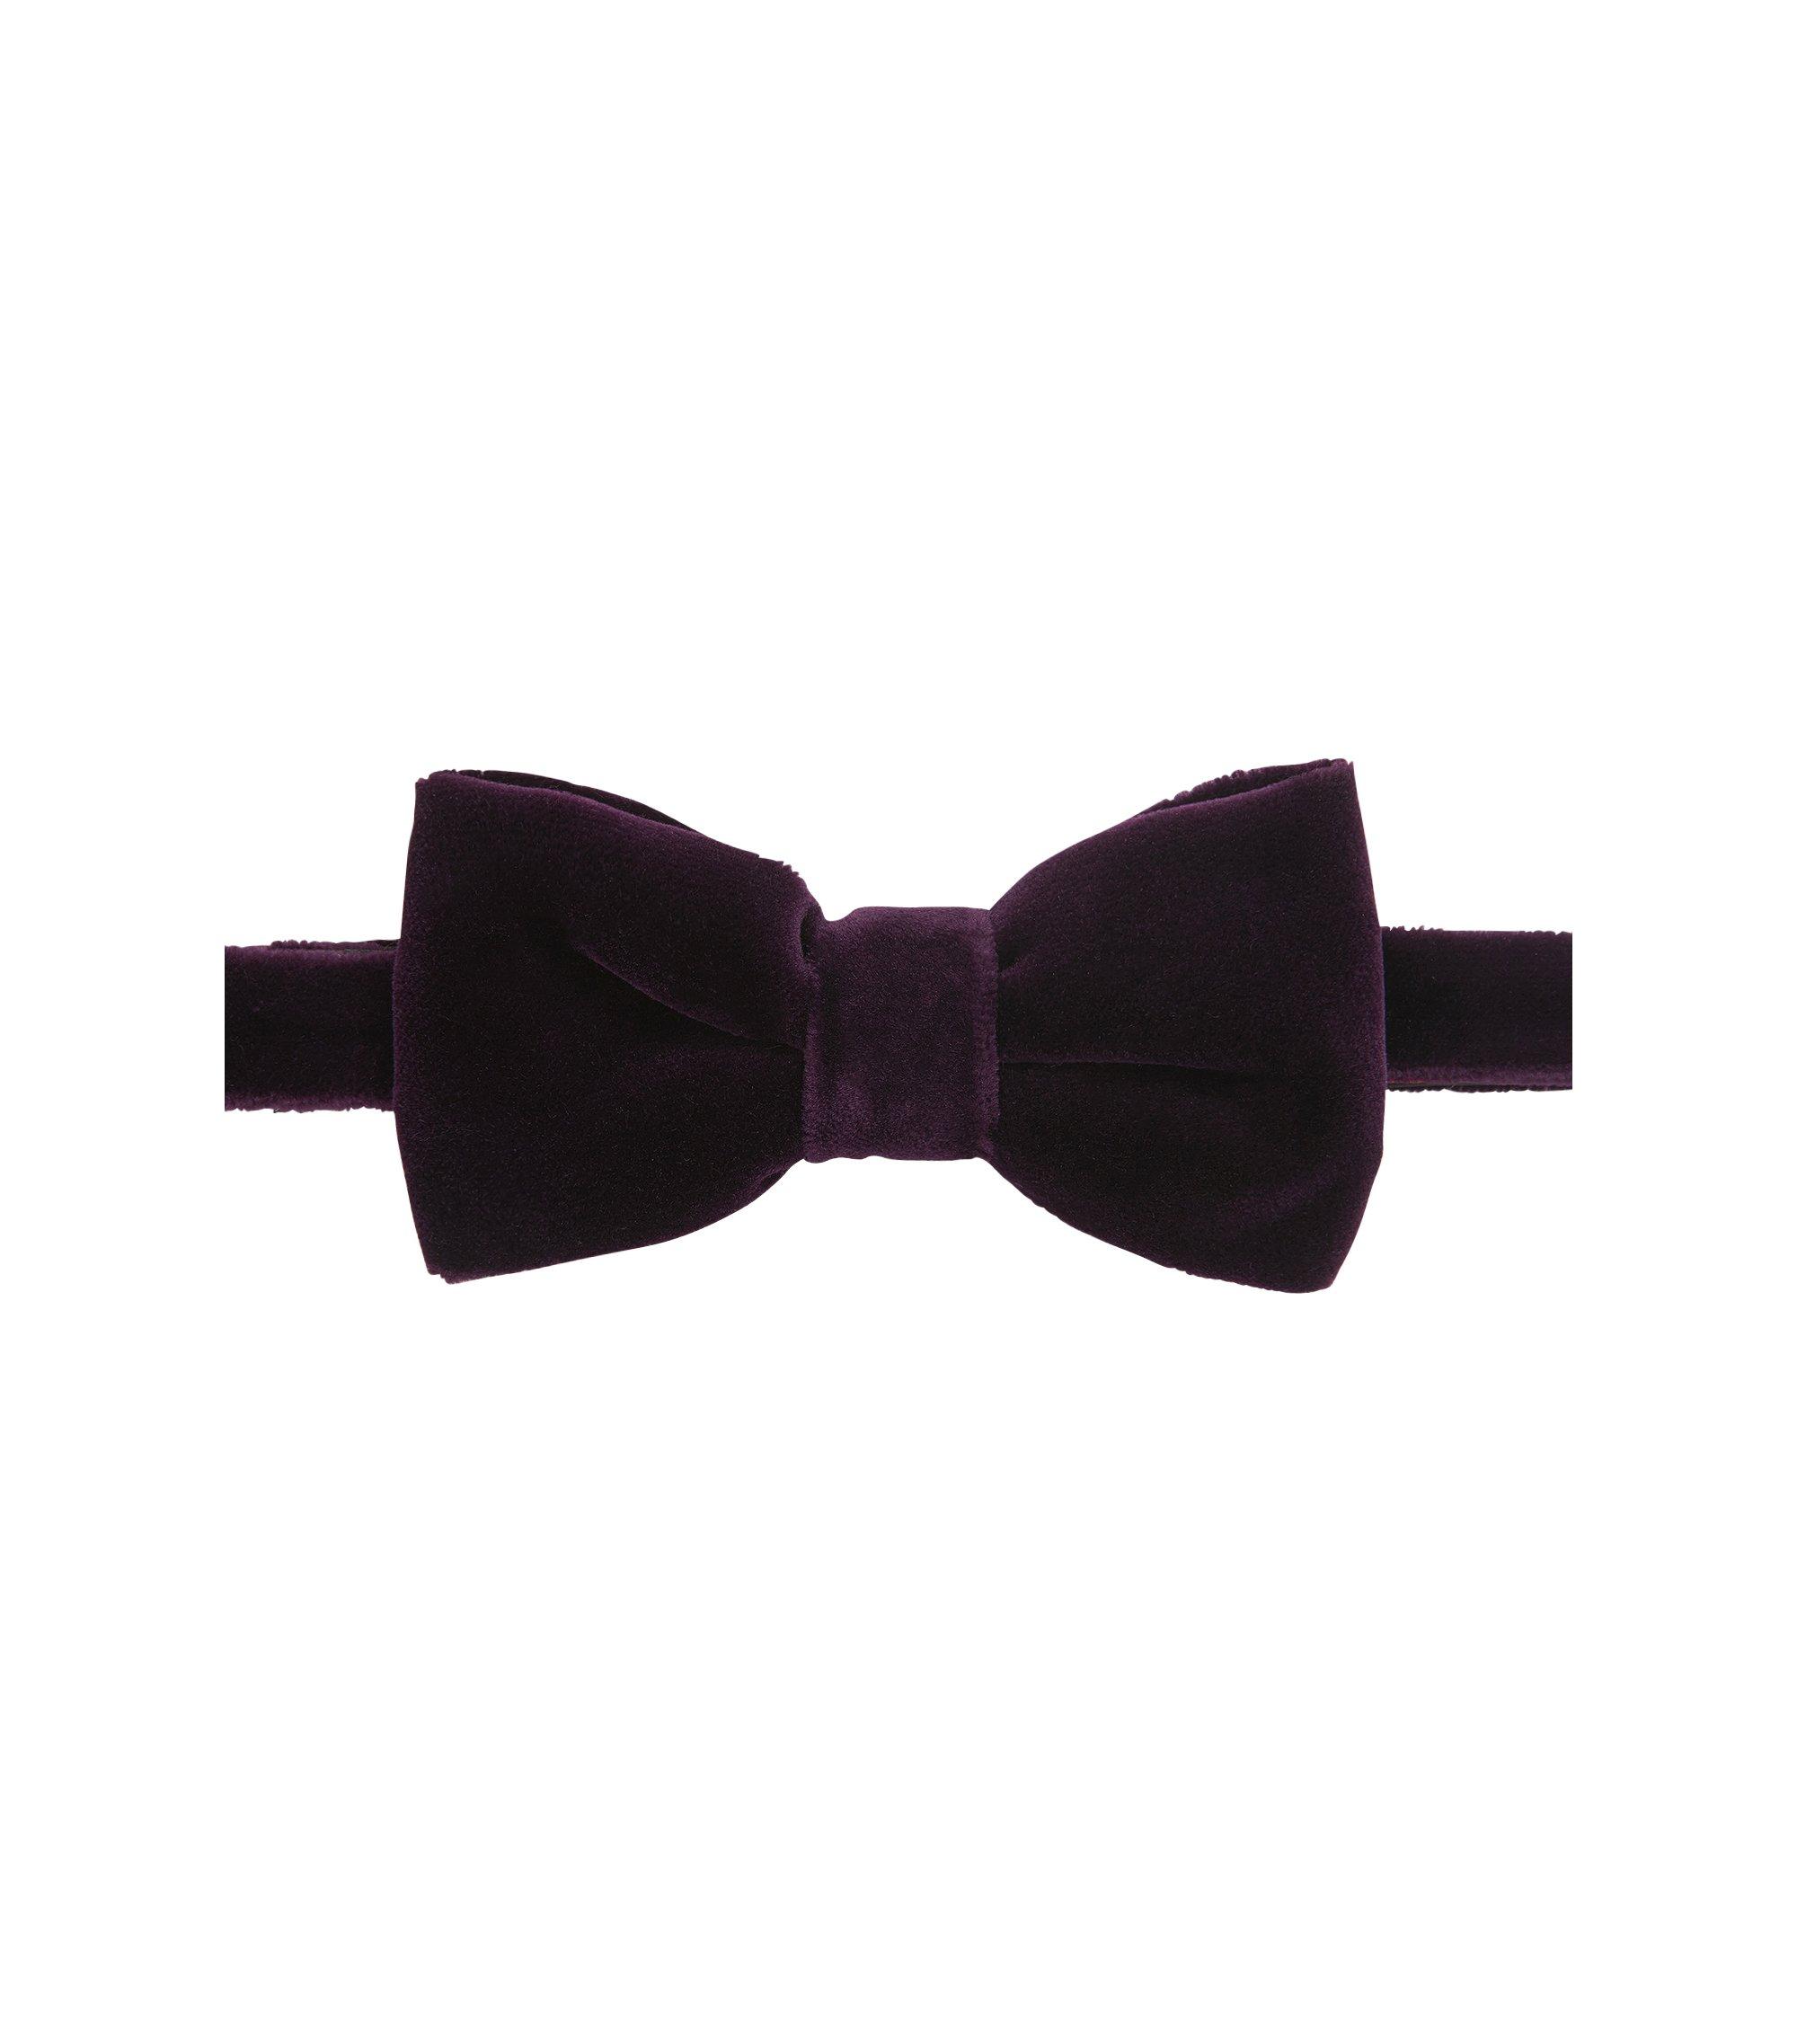 Velvet Bow Tie, Dark pink